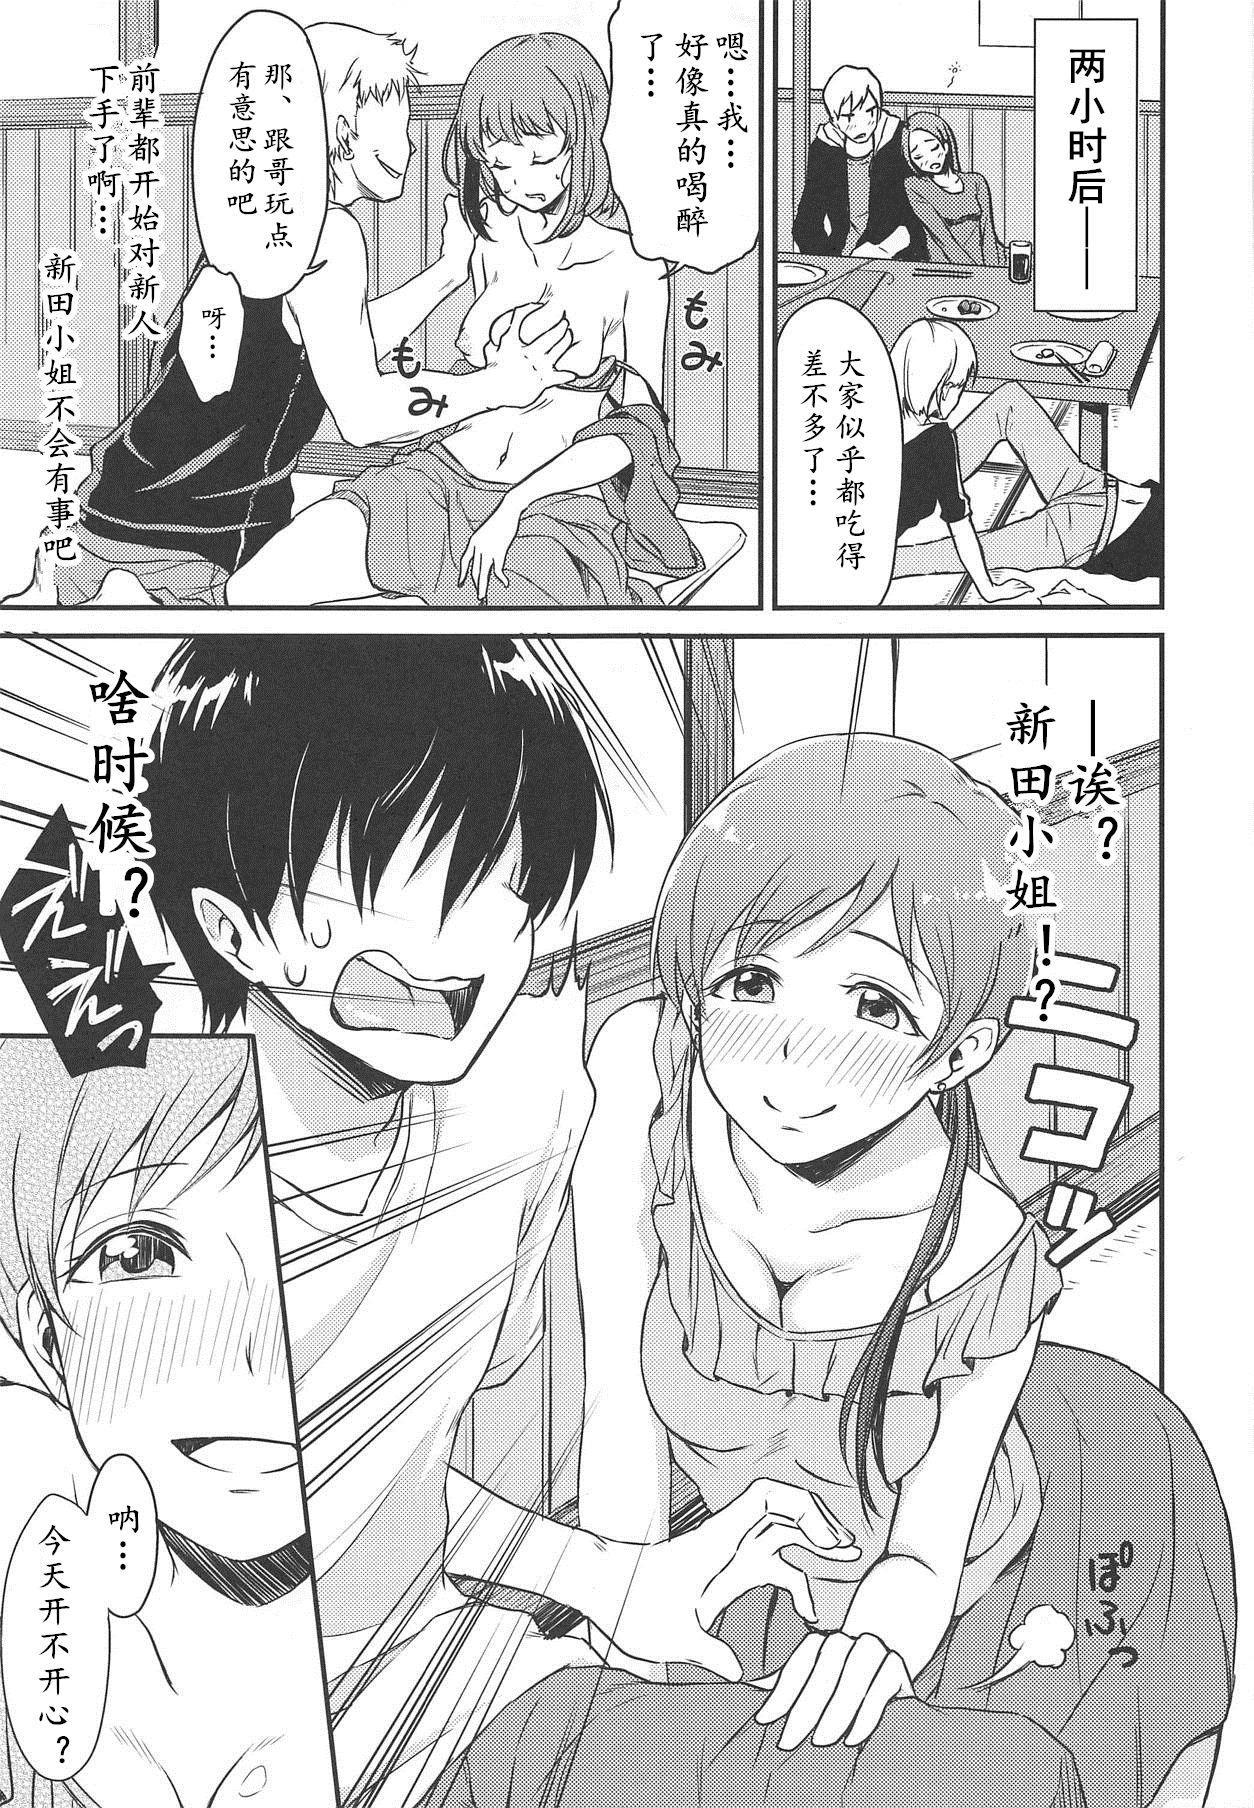 Nitta-san no Iru Sekai 12